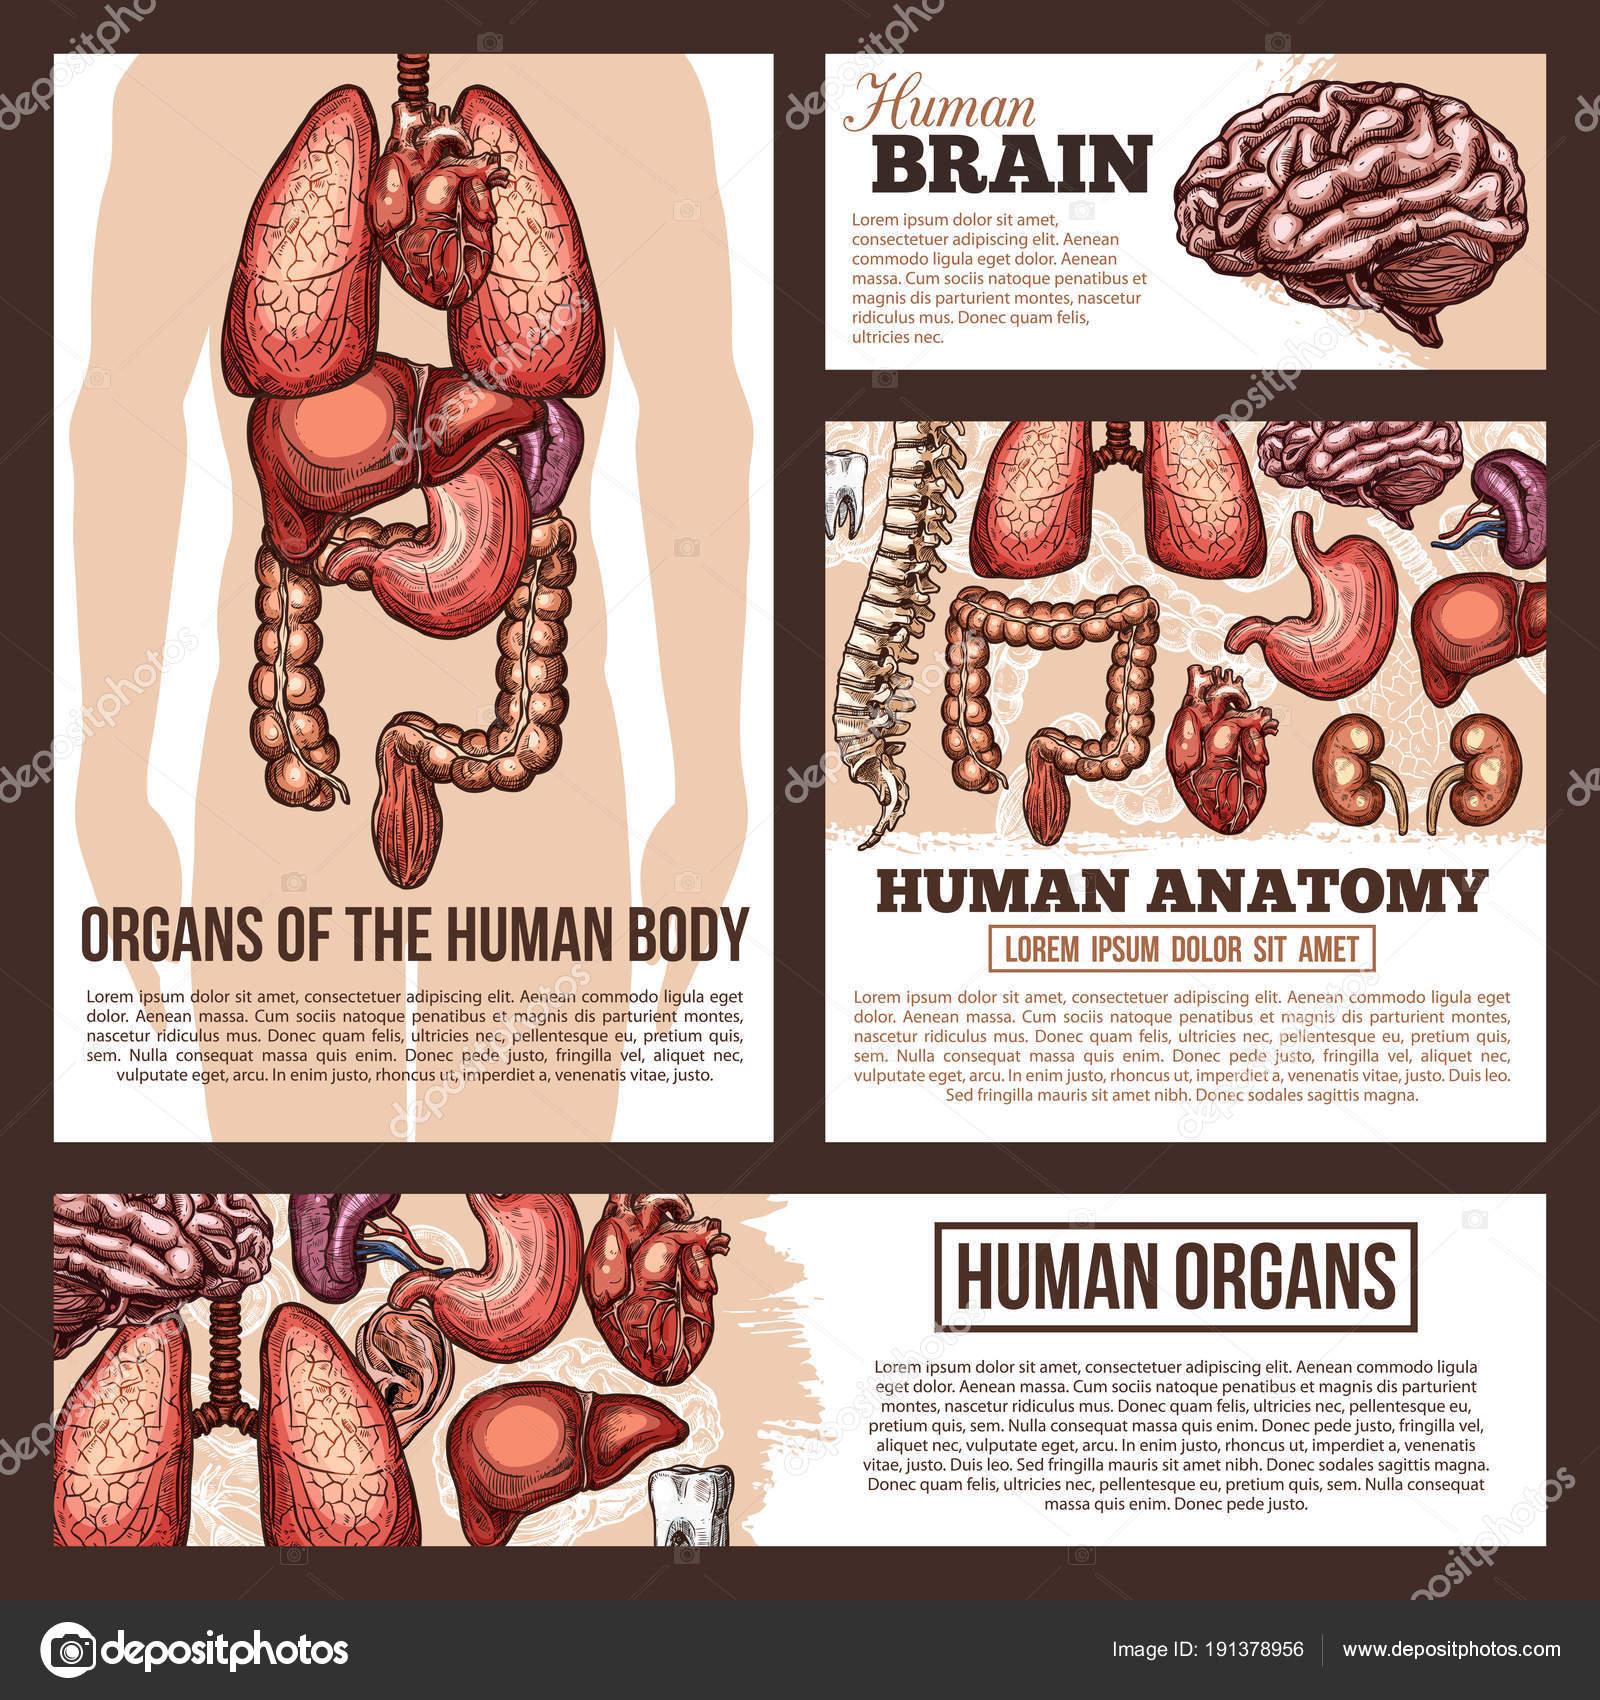 Anatomie des menschlichen Organen Skizze Banner Vorlage ...